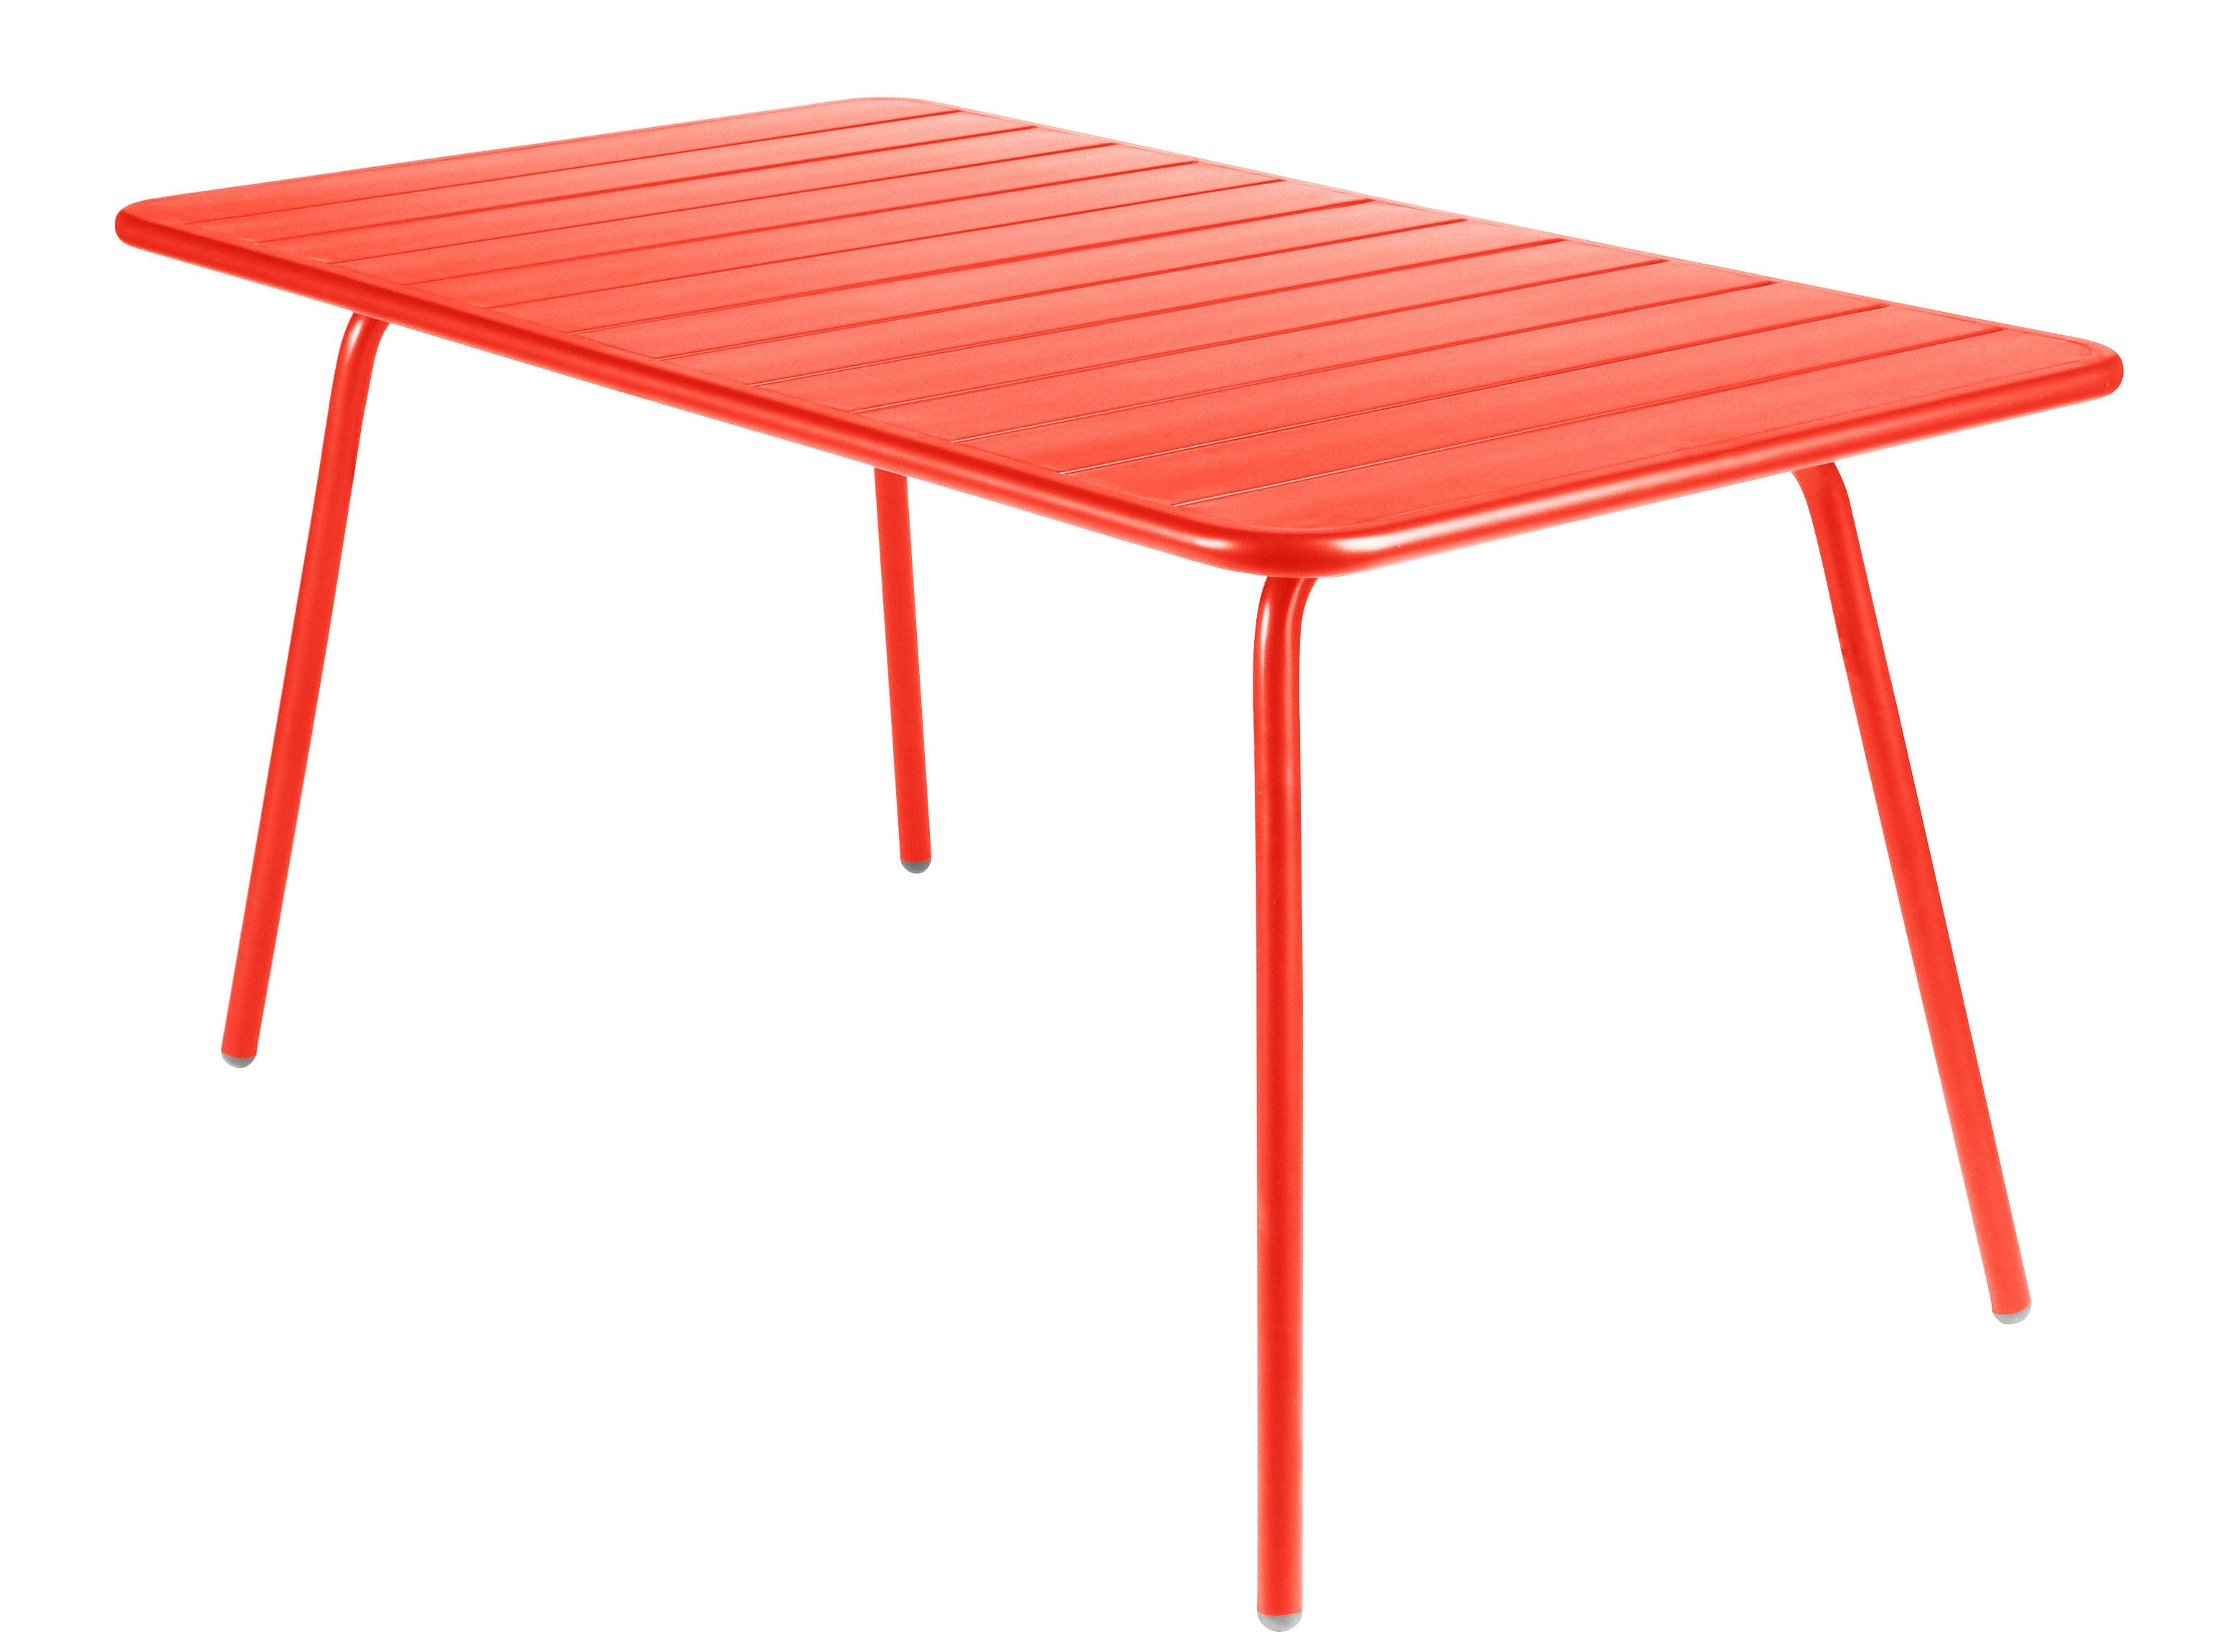 Life Style - Tavolo rettangolare Luxembourg - / 6 persone - L 143 cm di Fermob - Nasturzio - Alluminio laccato